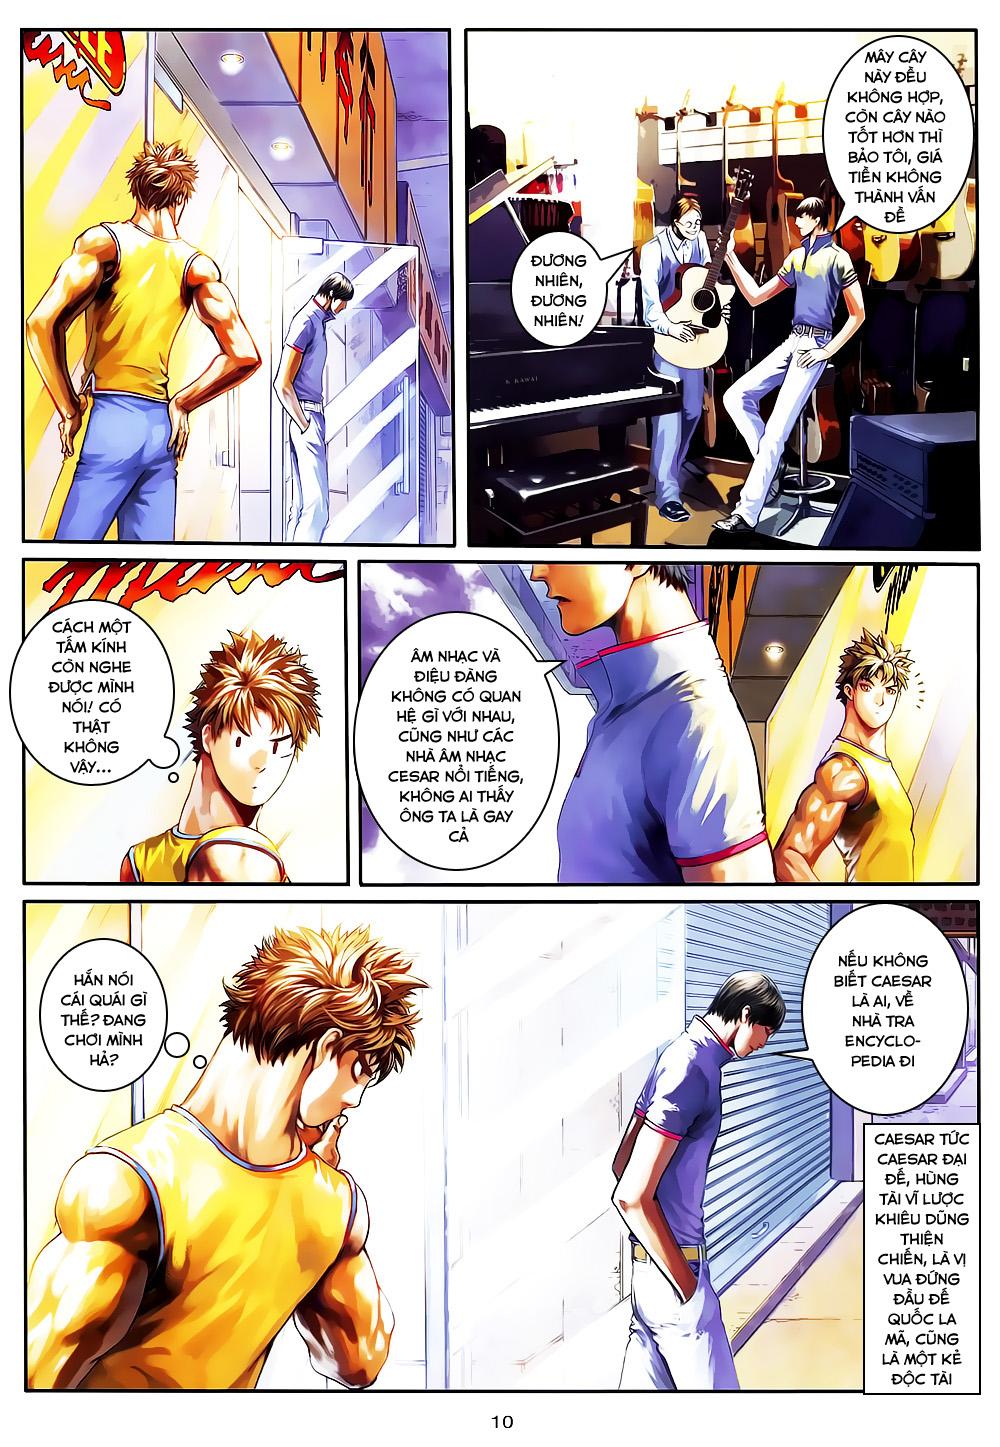 Quyền Đạo chapter 4 trang 10